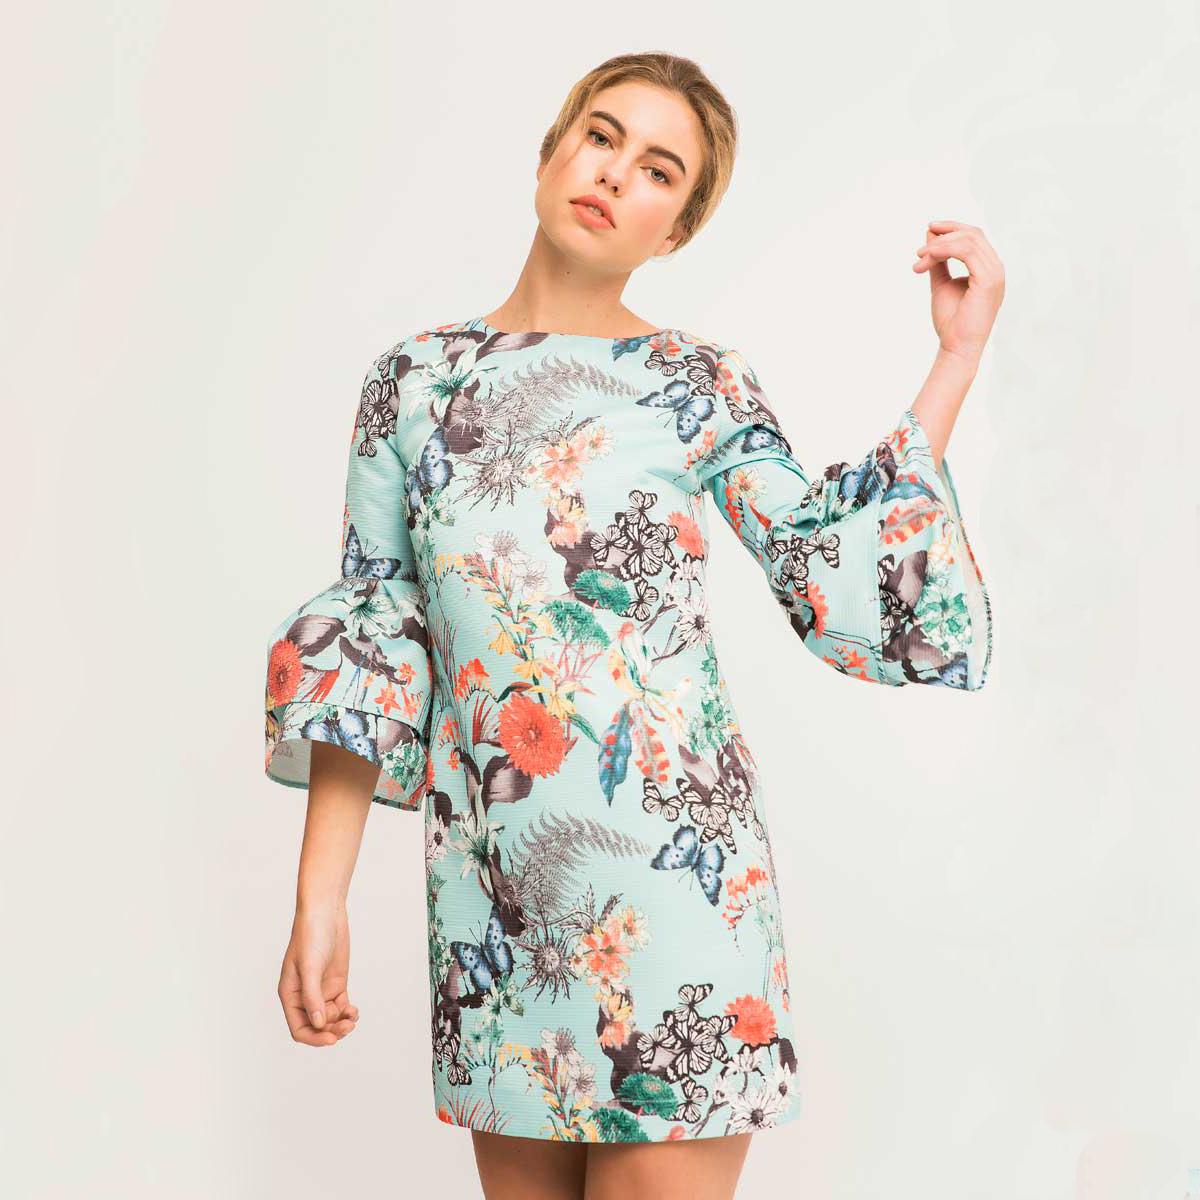 vestido corto evase estampado mariposas con volantes en mangas mynes apparentia